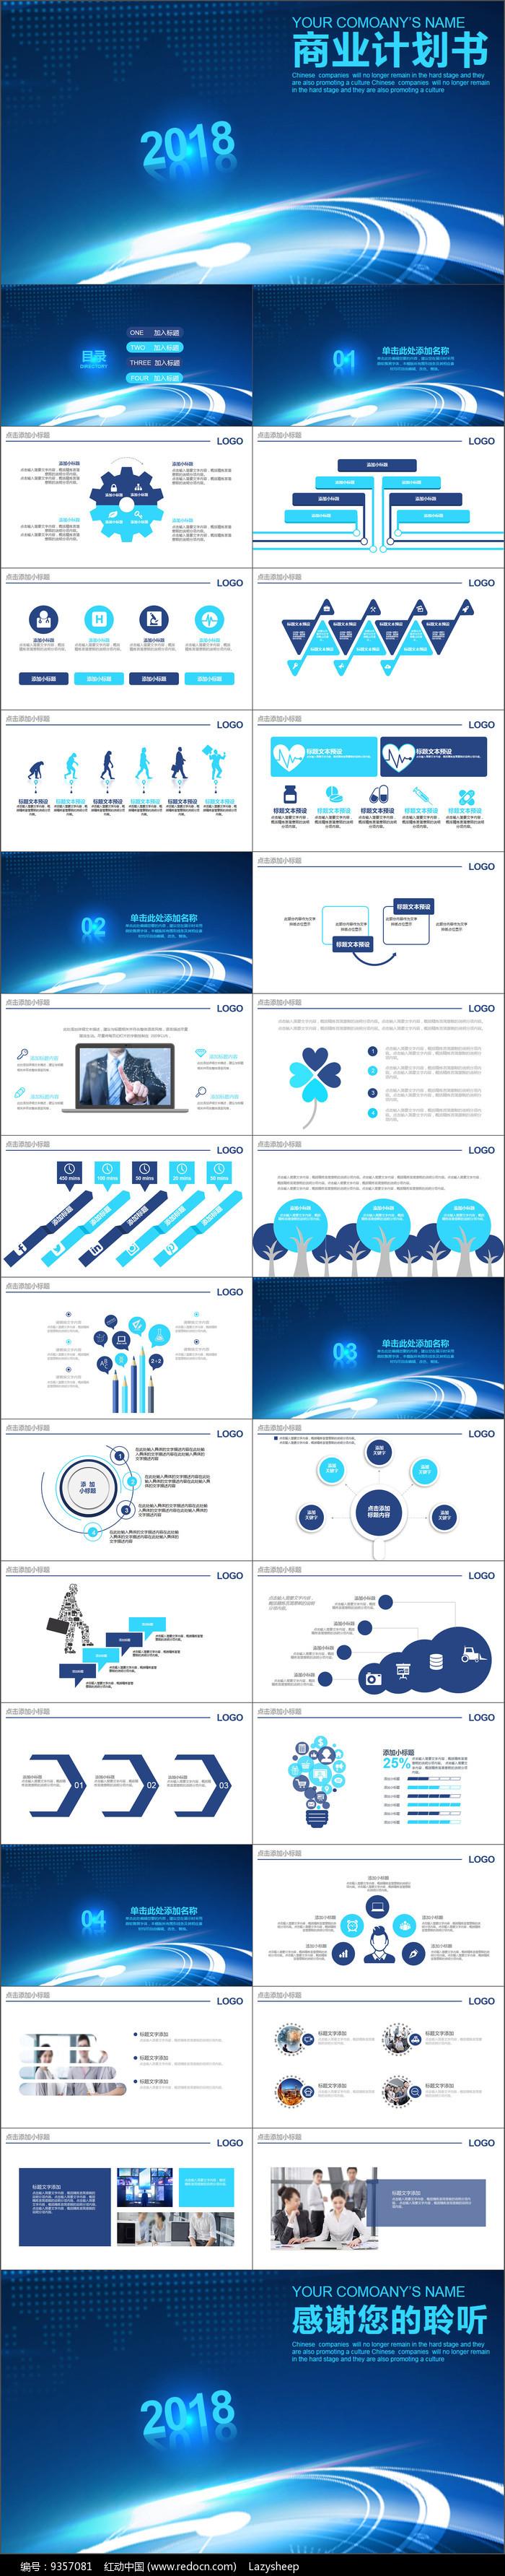 蓝色商务计划书PPT模板图片